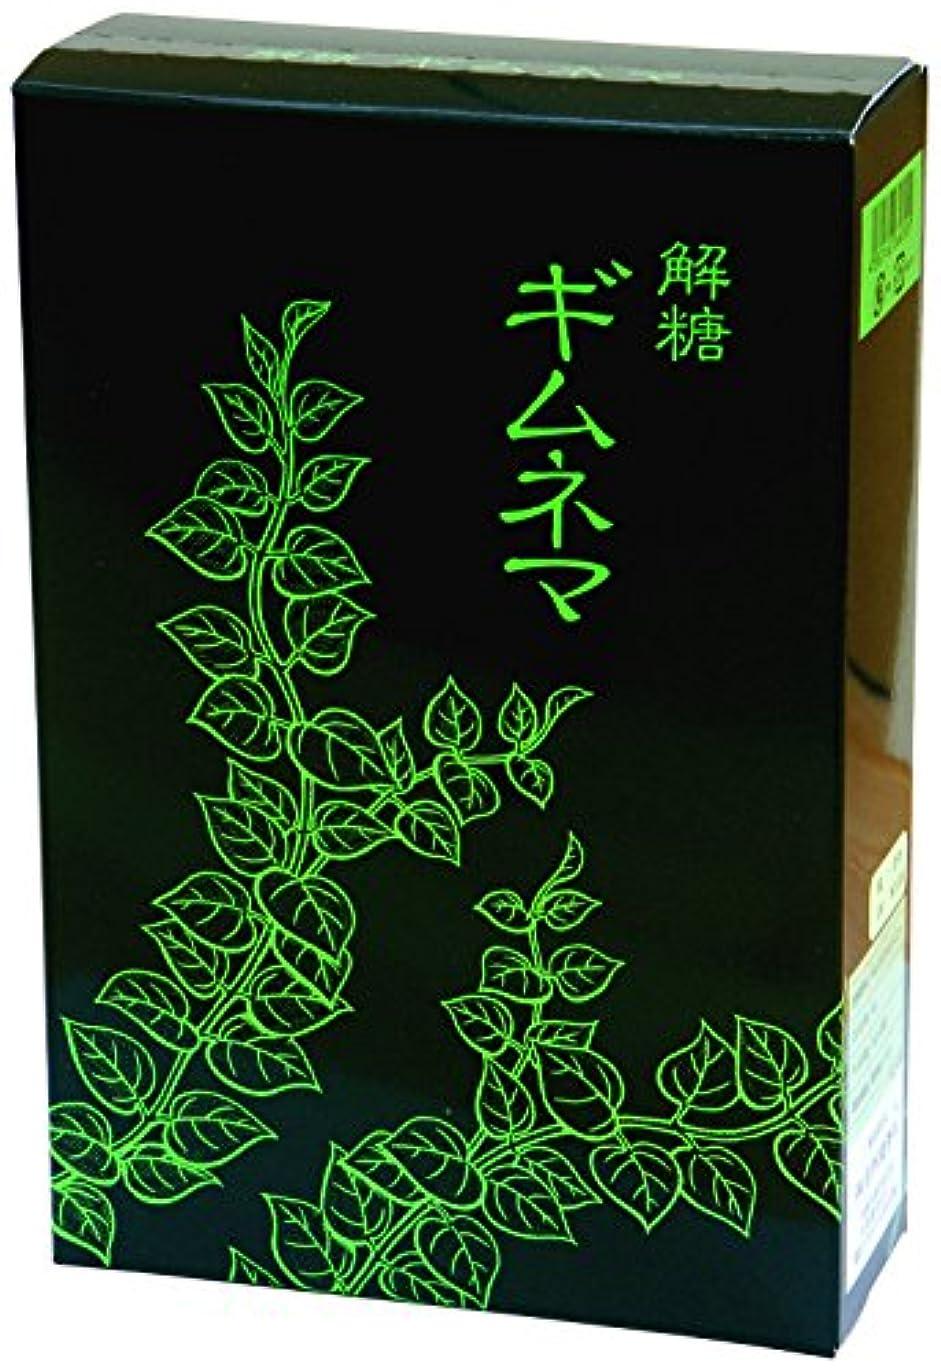 申し立てる請負業者ジョリー自然健康社 解糖ギムネマ茶 4g×32パック 煮出し用ティーバッグ